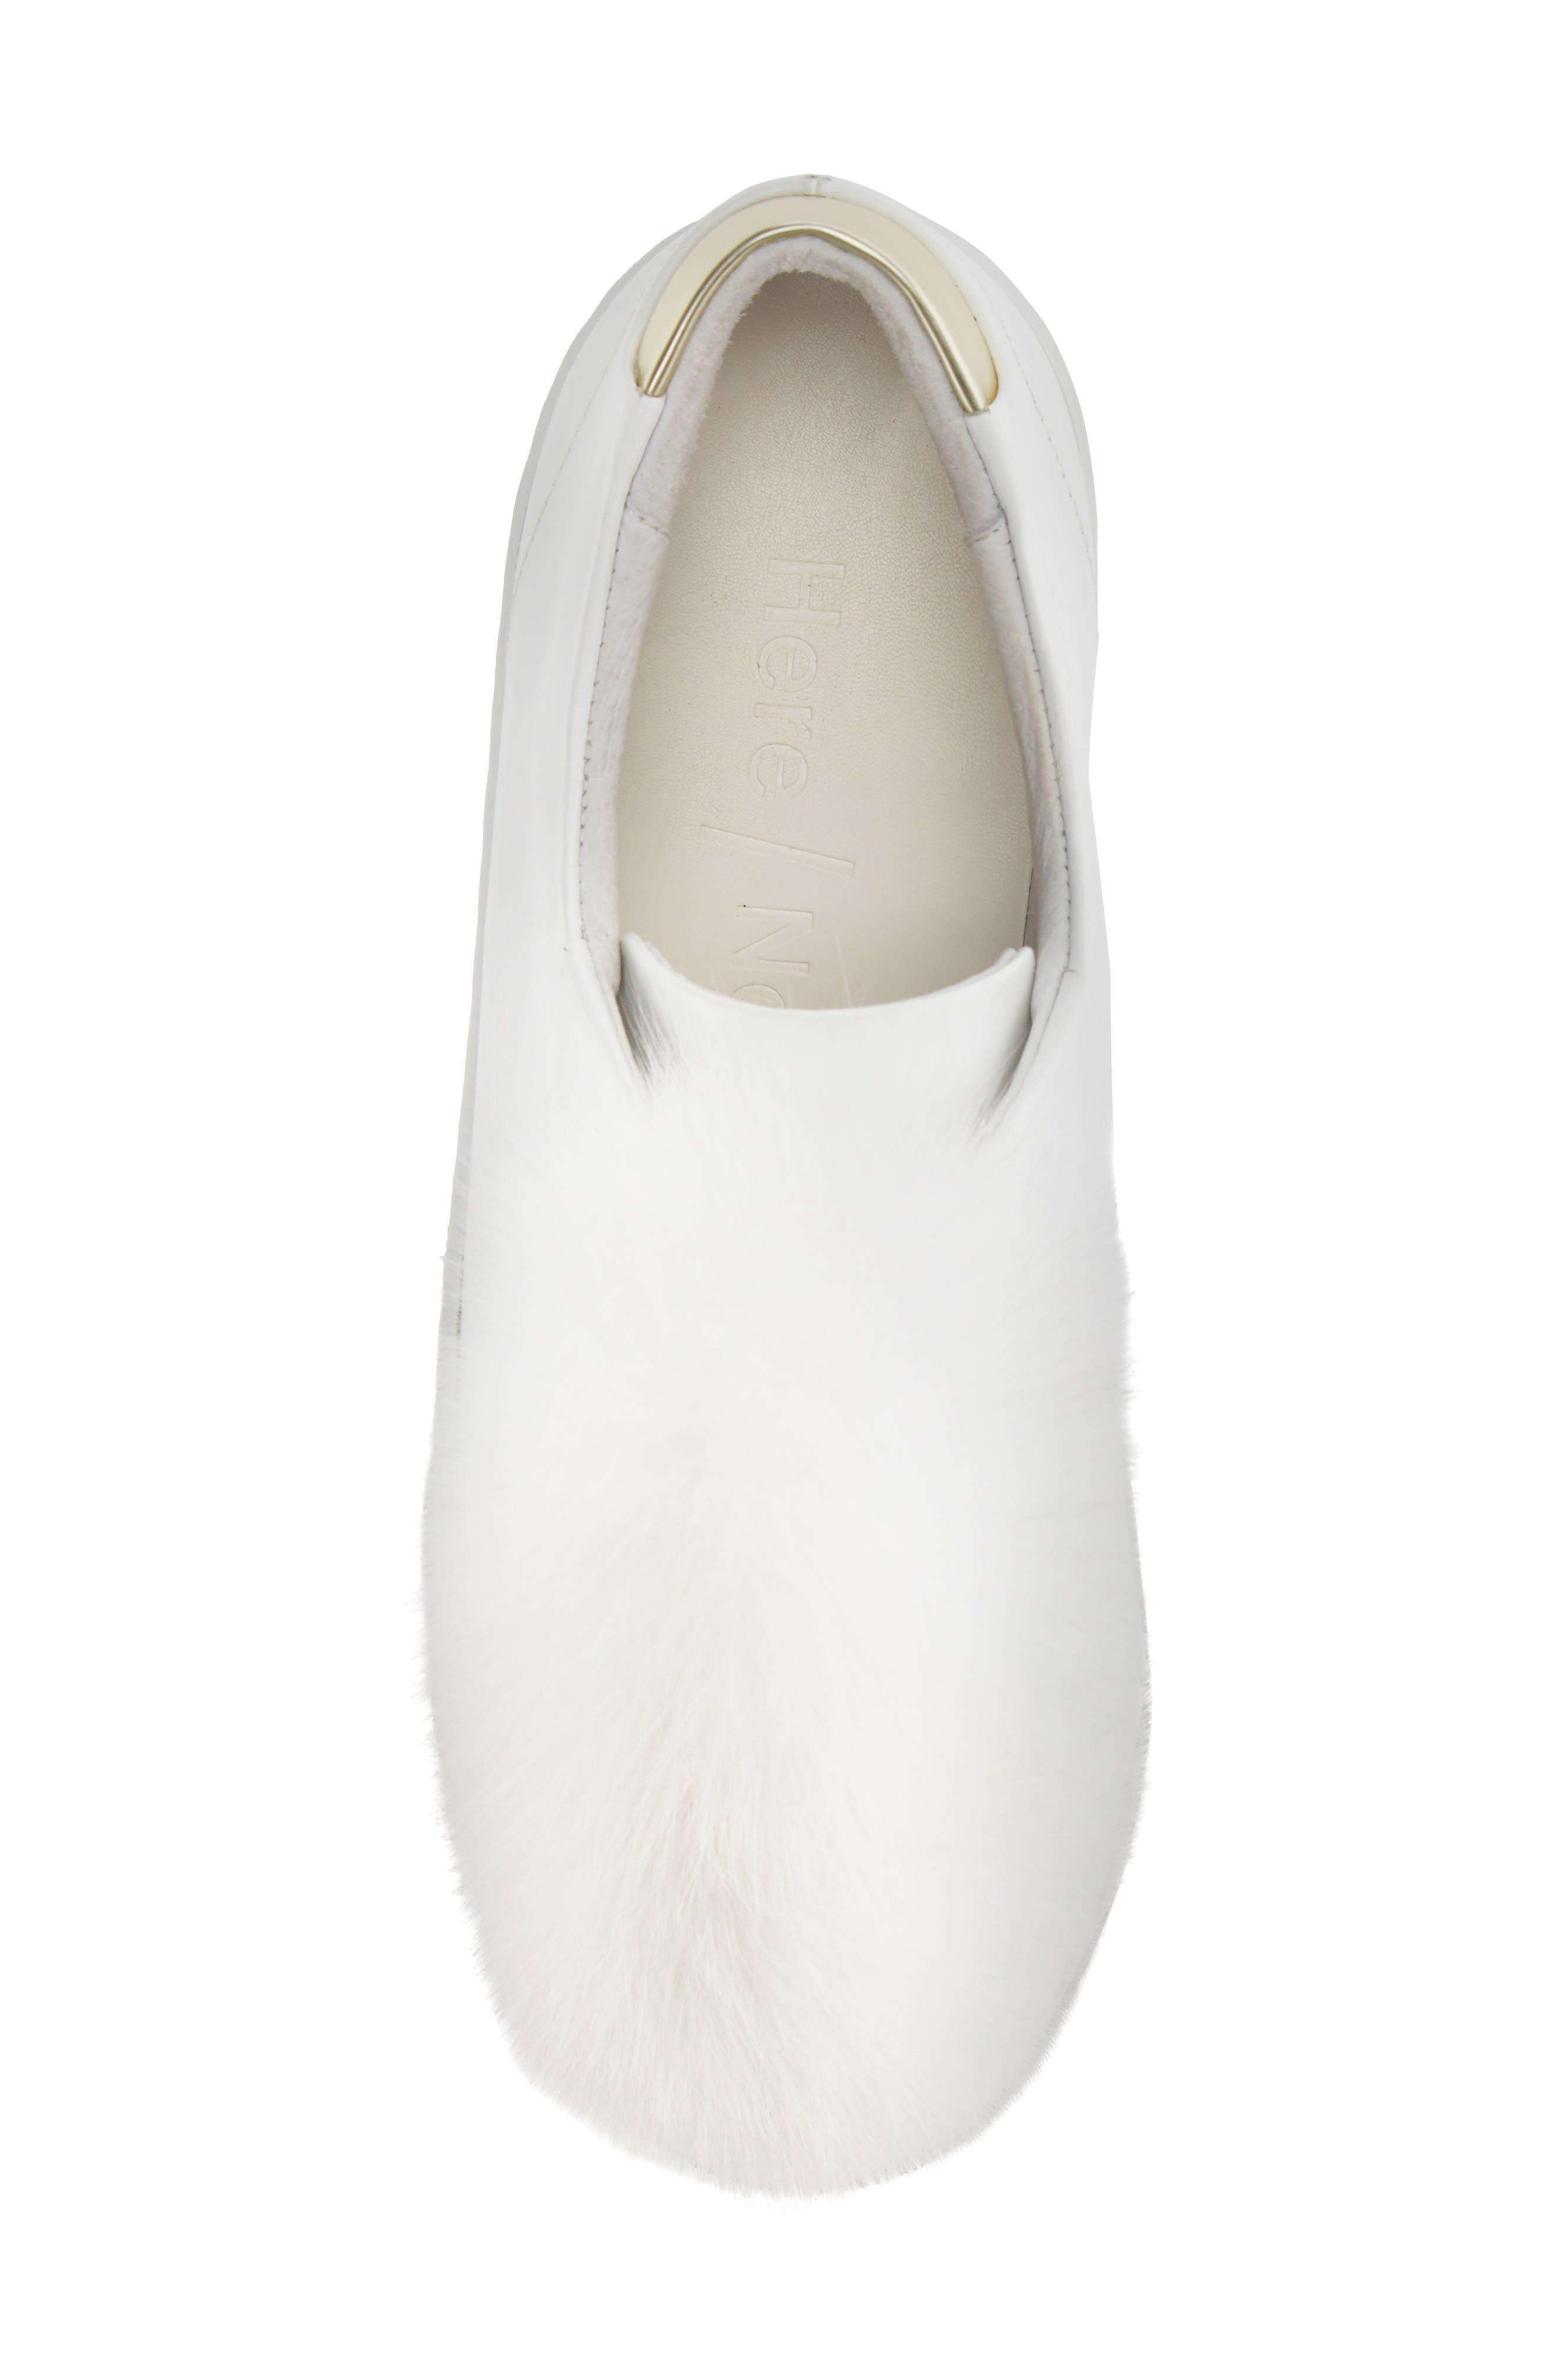 Sugar Genuine Fox Fur Slip-On Sneaker,                             Alternate thumbnail 5, color,                             White Leather